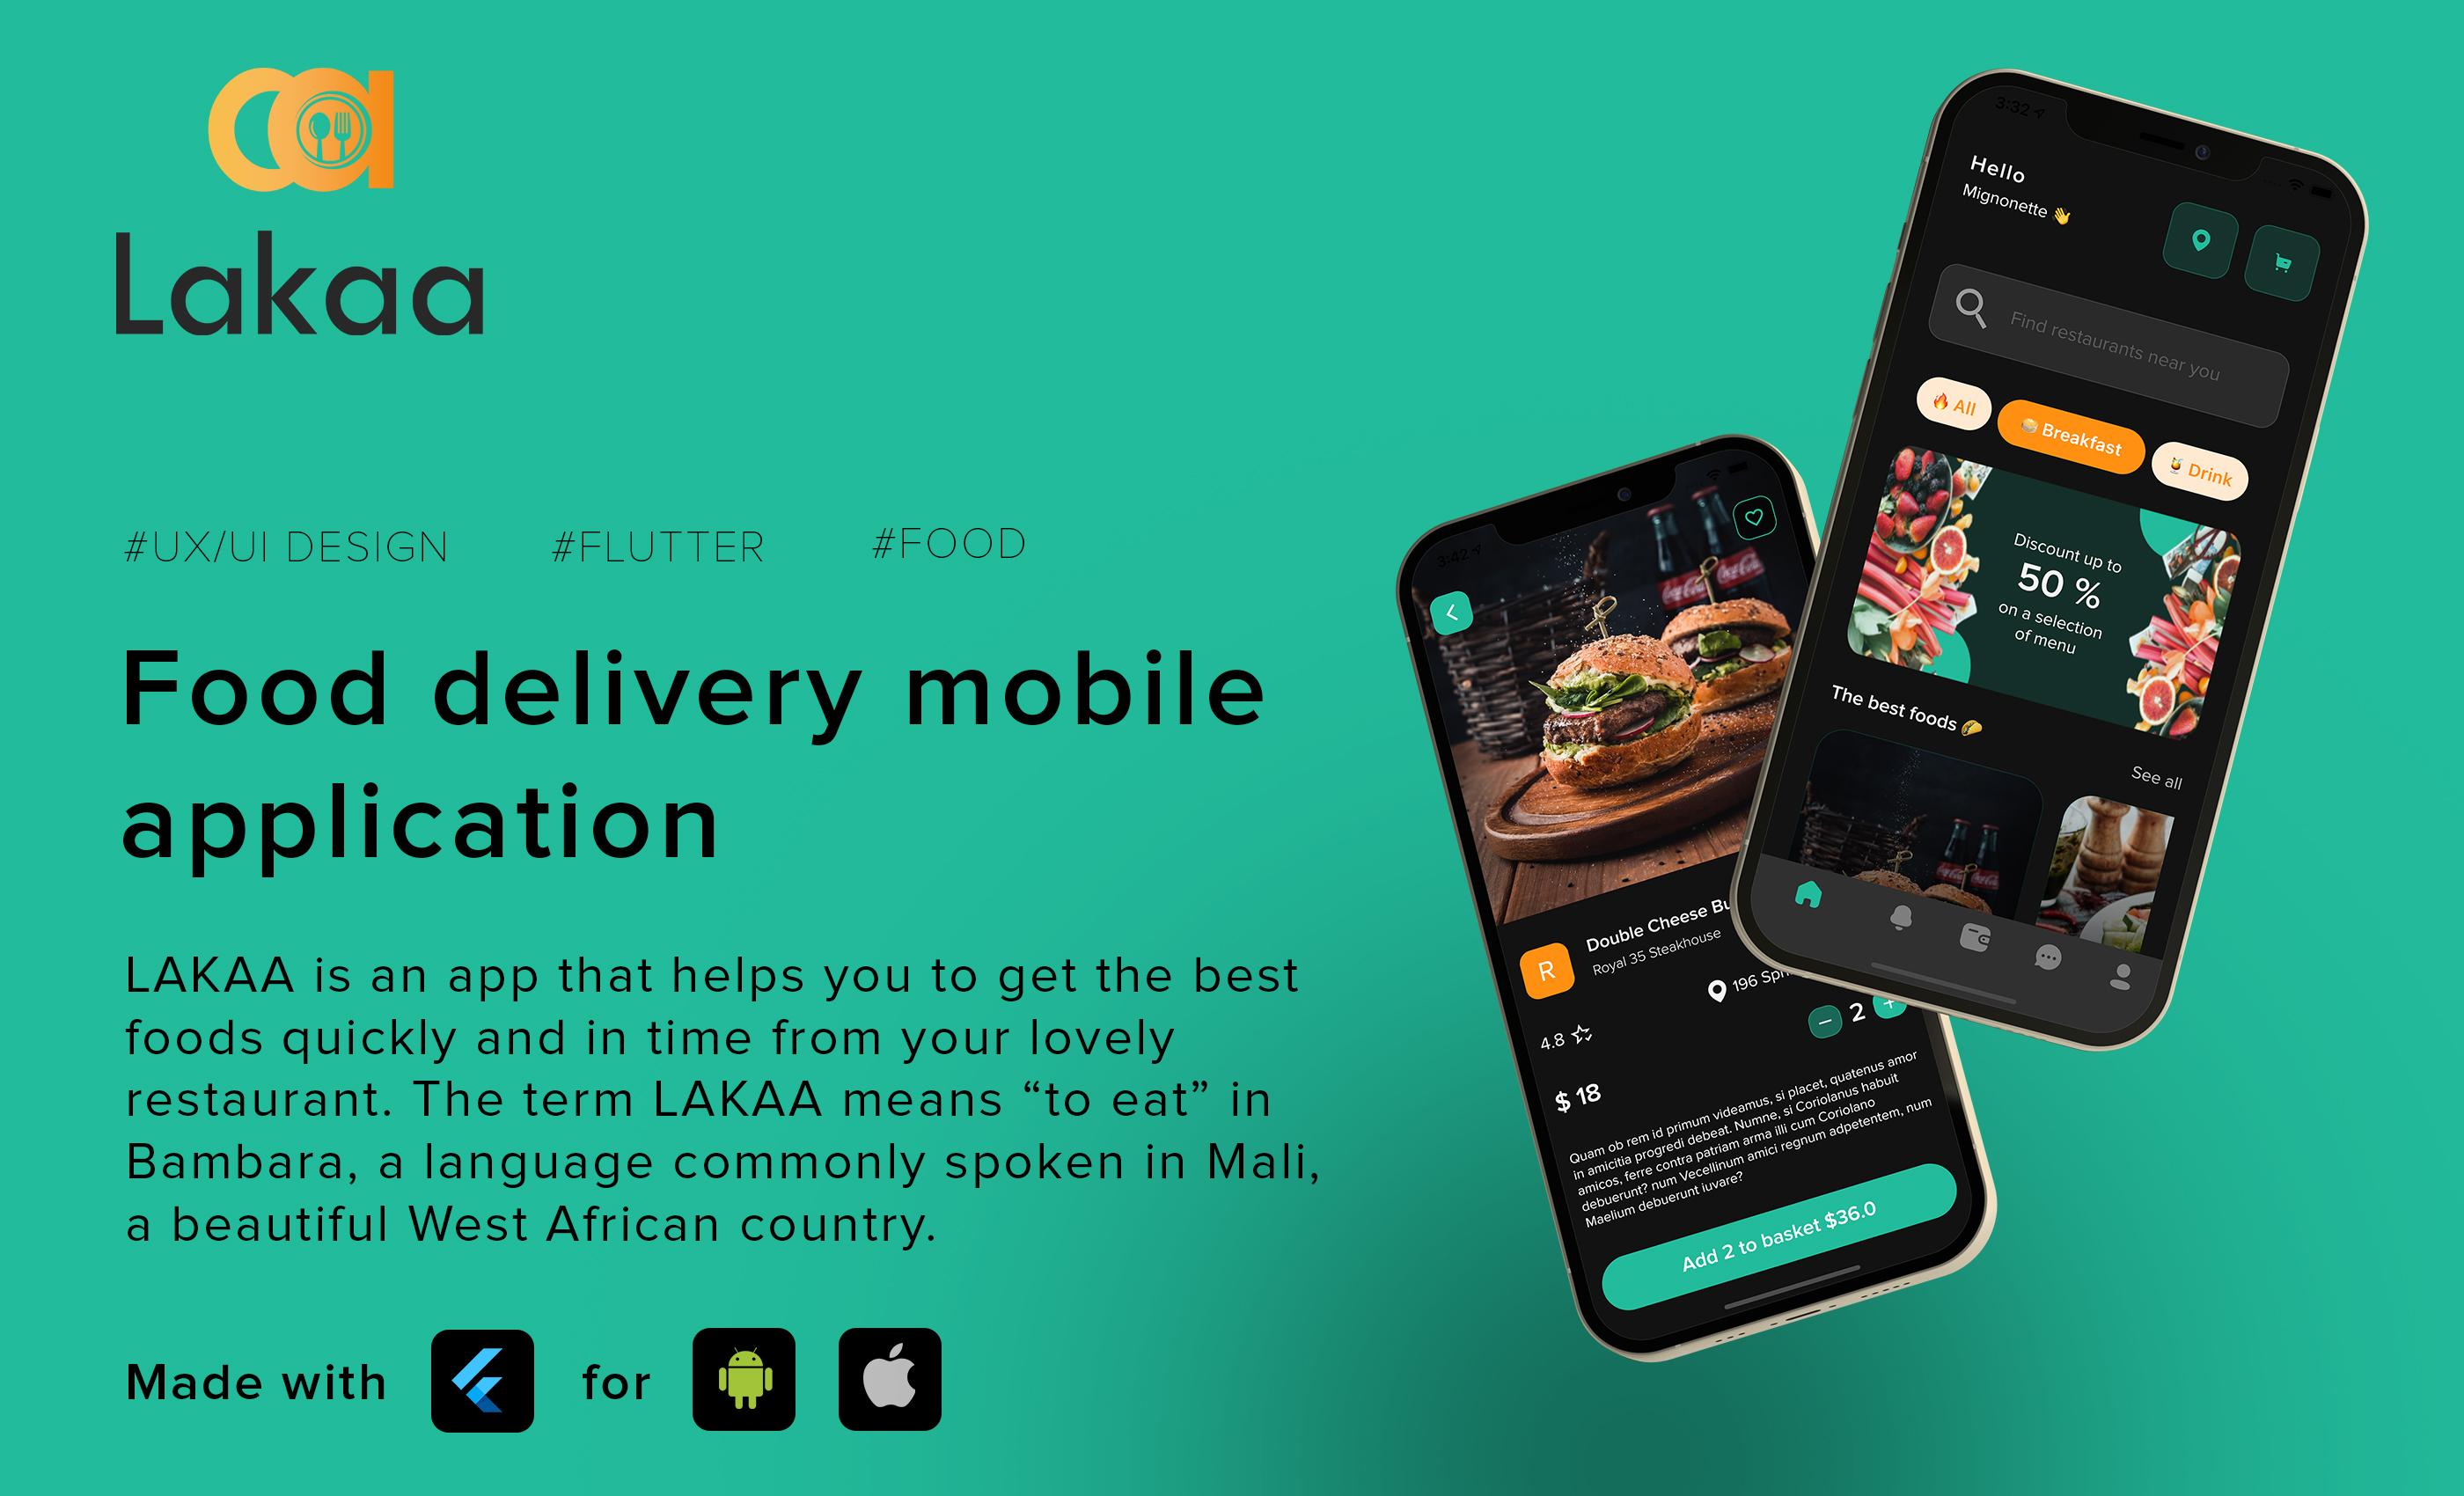 Lakaa food delivery app presentation - flutter ui kit design